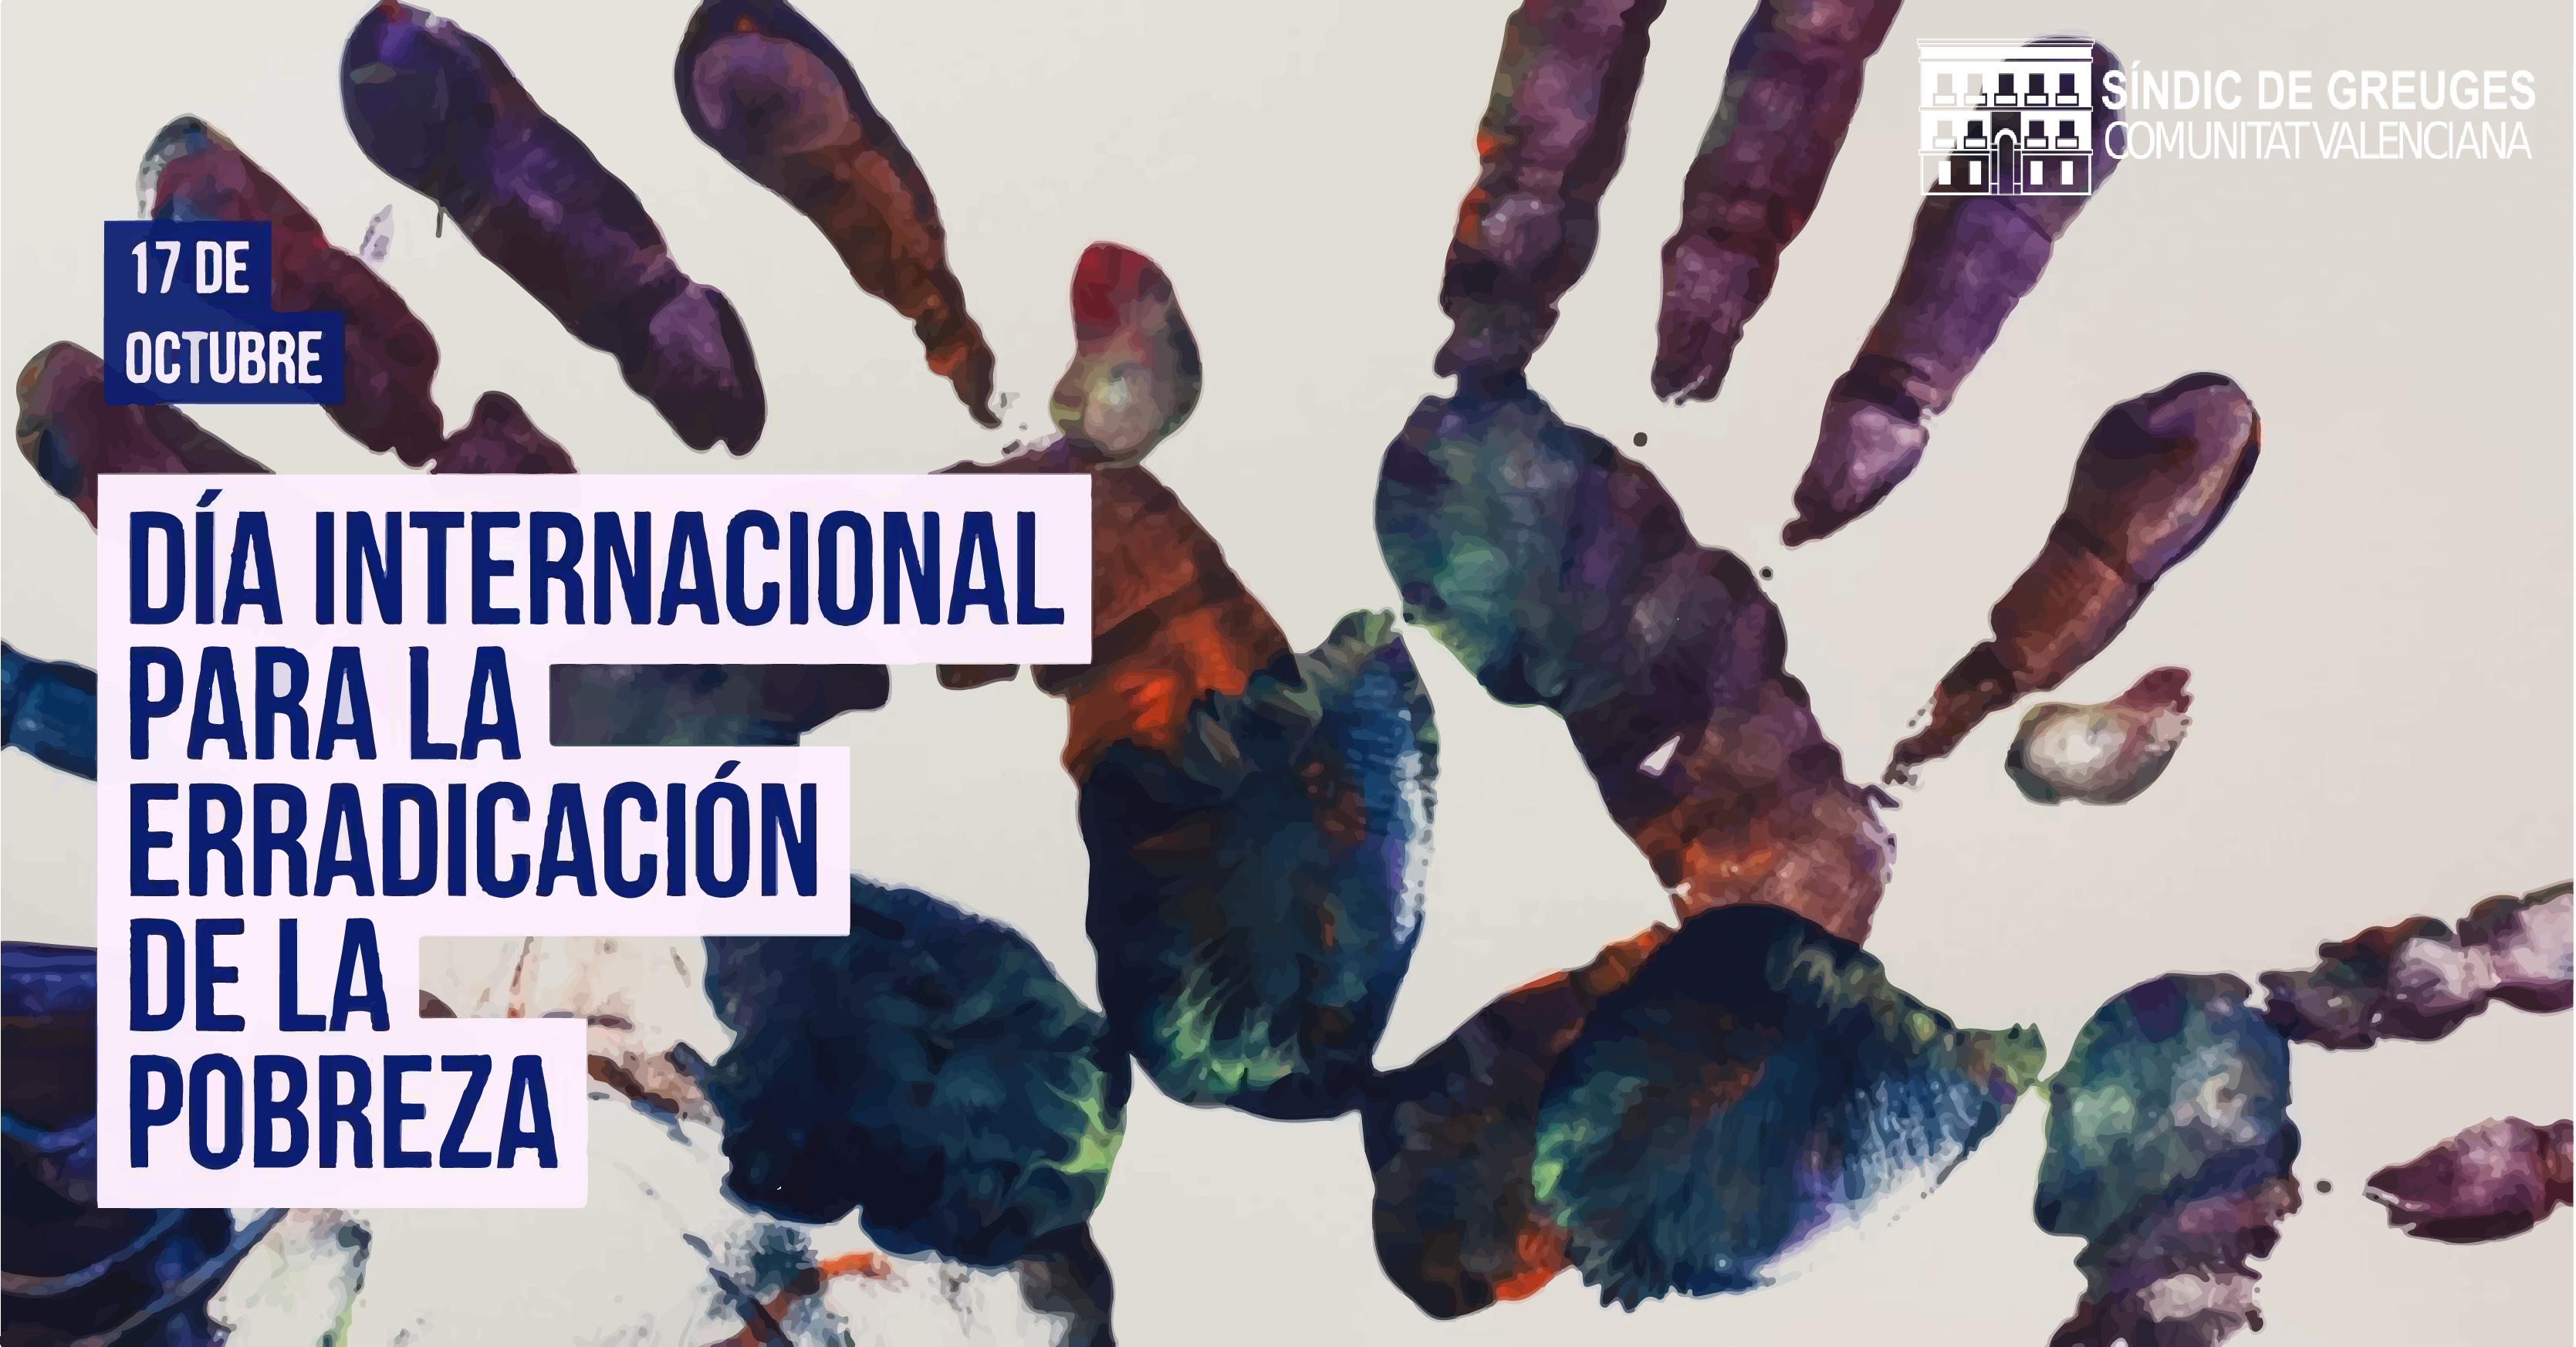 Día Internacional para la Erradicación de la pobreza y la exclusión social